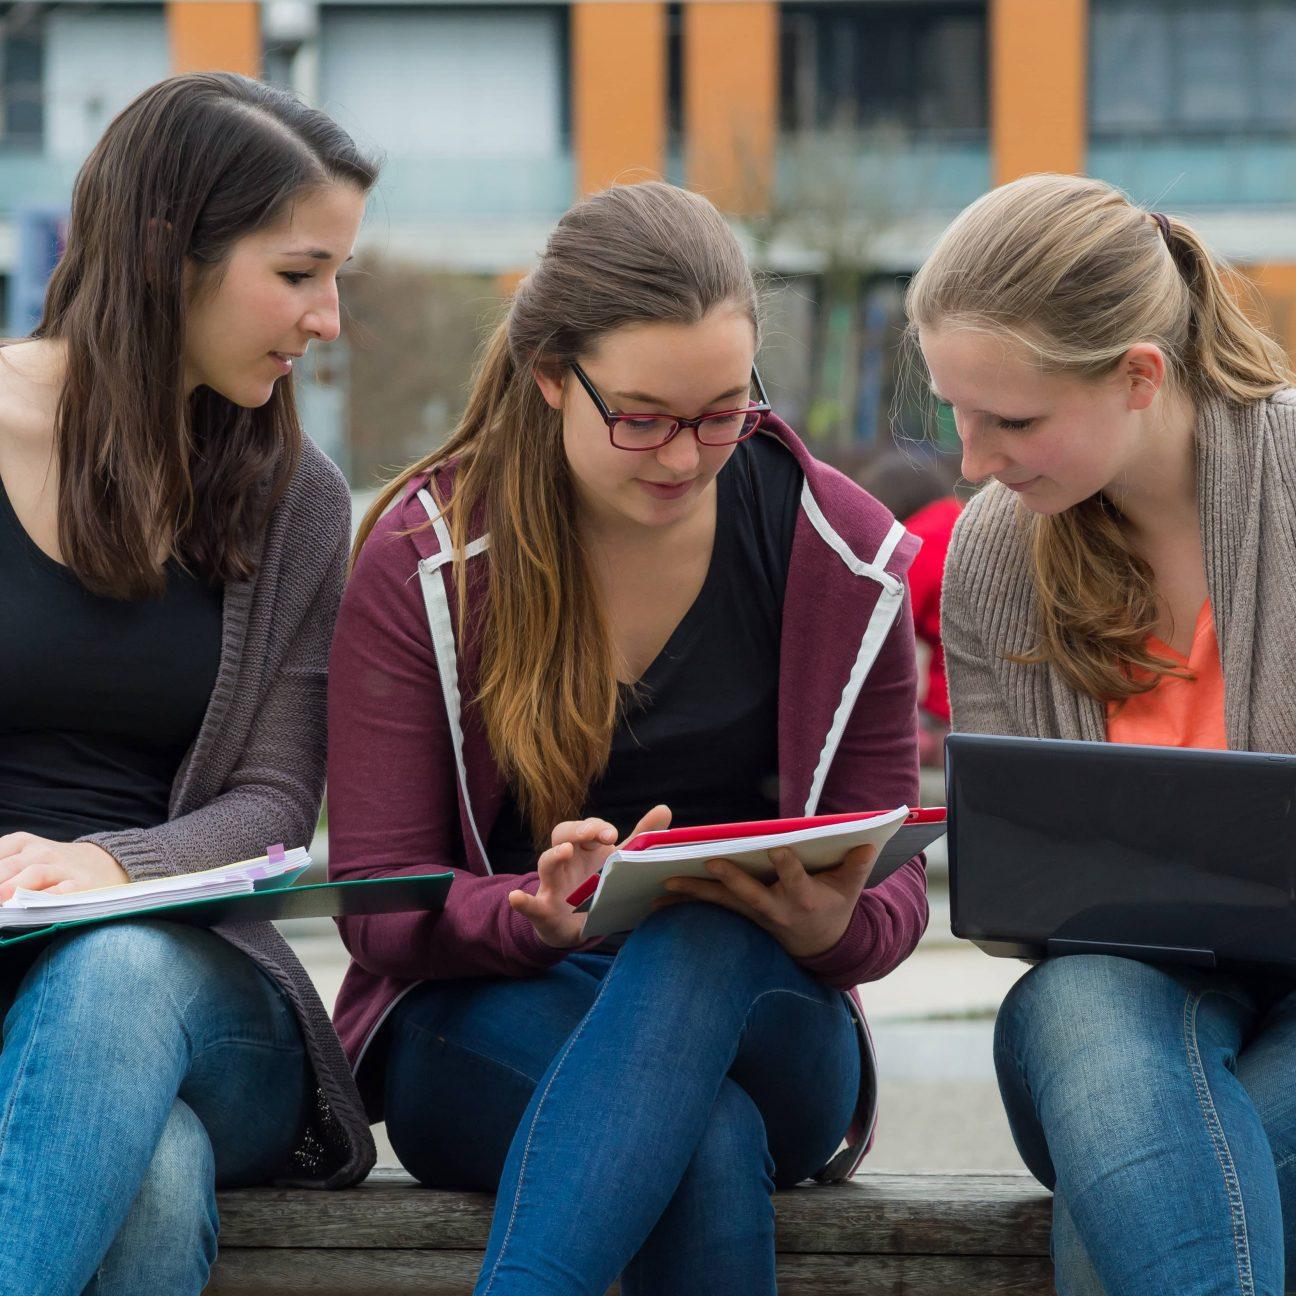 3 Mädchen die lernen